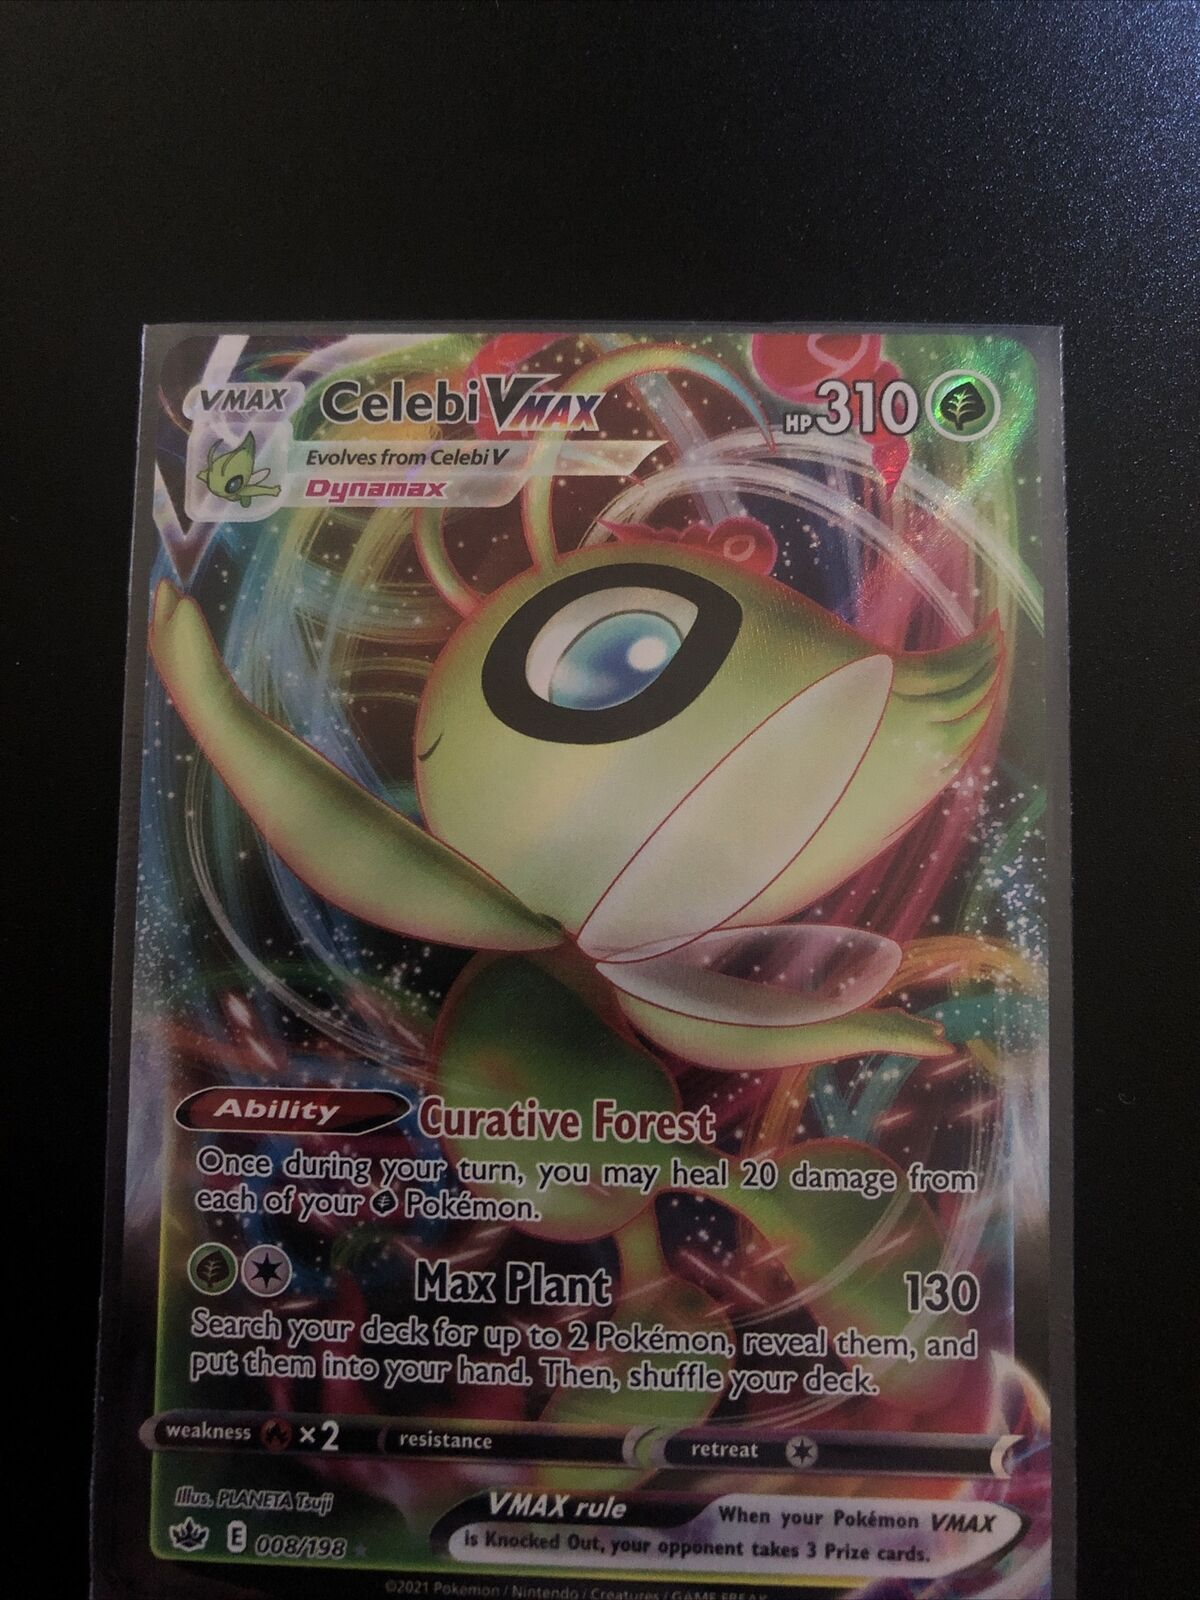 POKEMON TCG CARD Celebi VMAX 008/198 Chilling Reign 2021 Ultra Rare Holo Foil NM